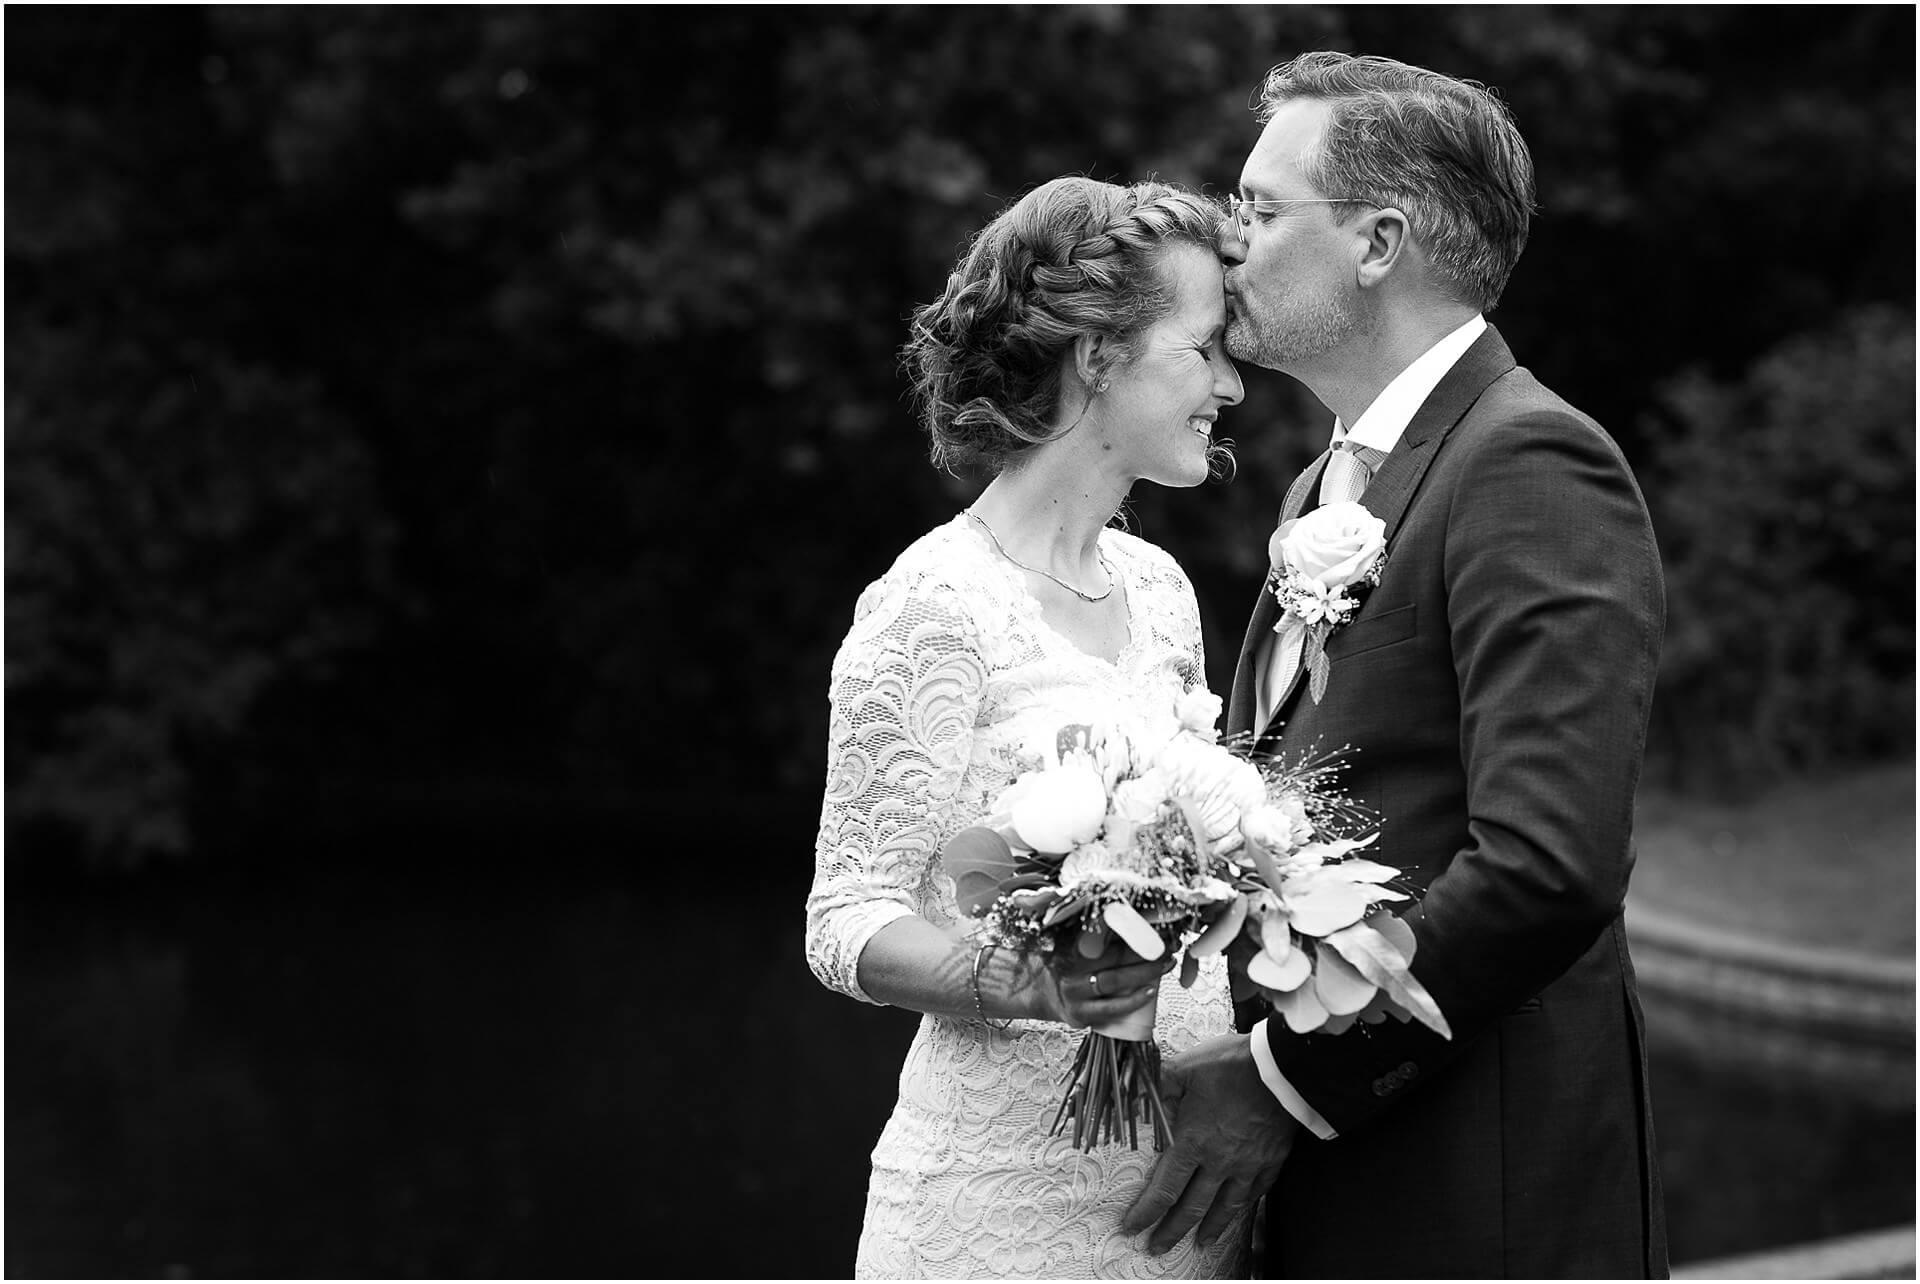 Bruidsfotografie Raadhuis Vught en feesten in eigen tuin door bruidsfotograaf Sandy Peters_0007.jpg